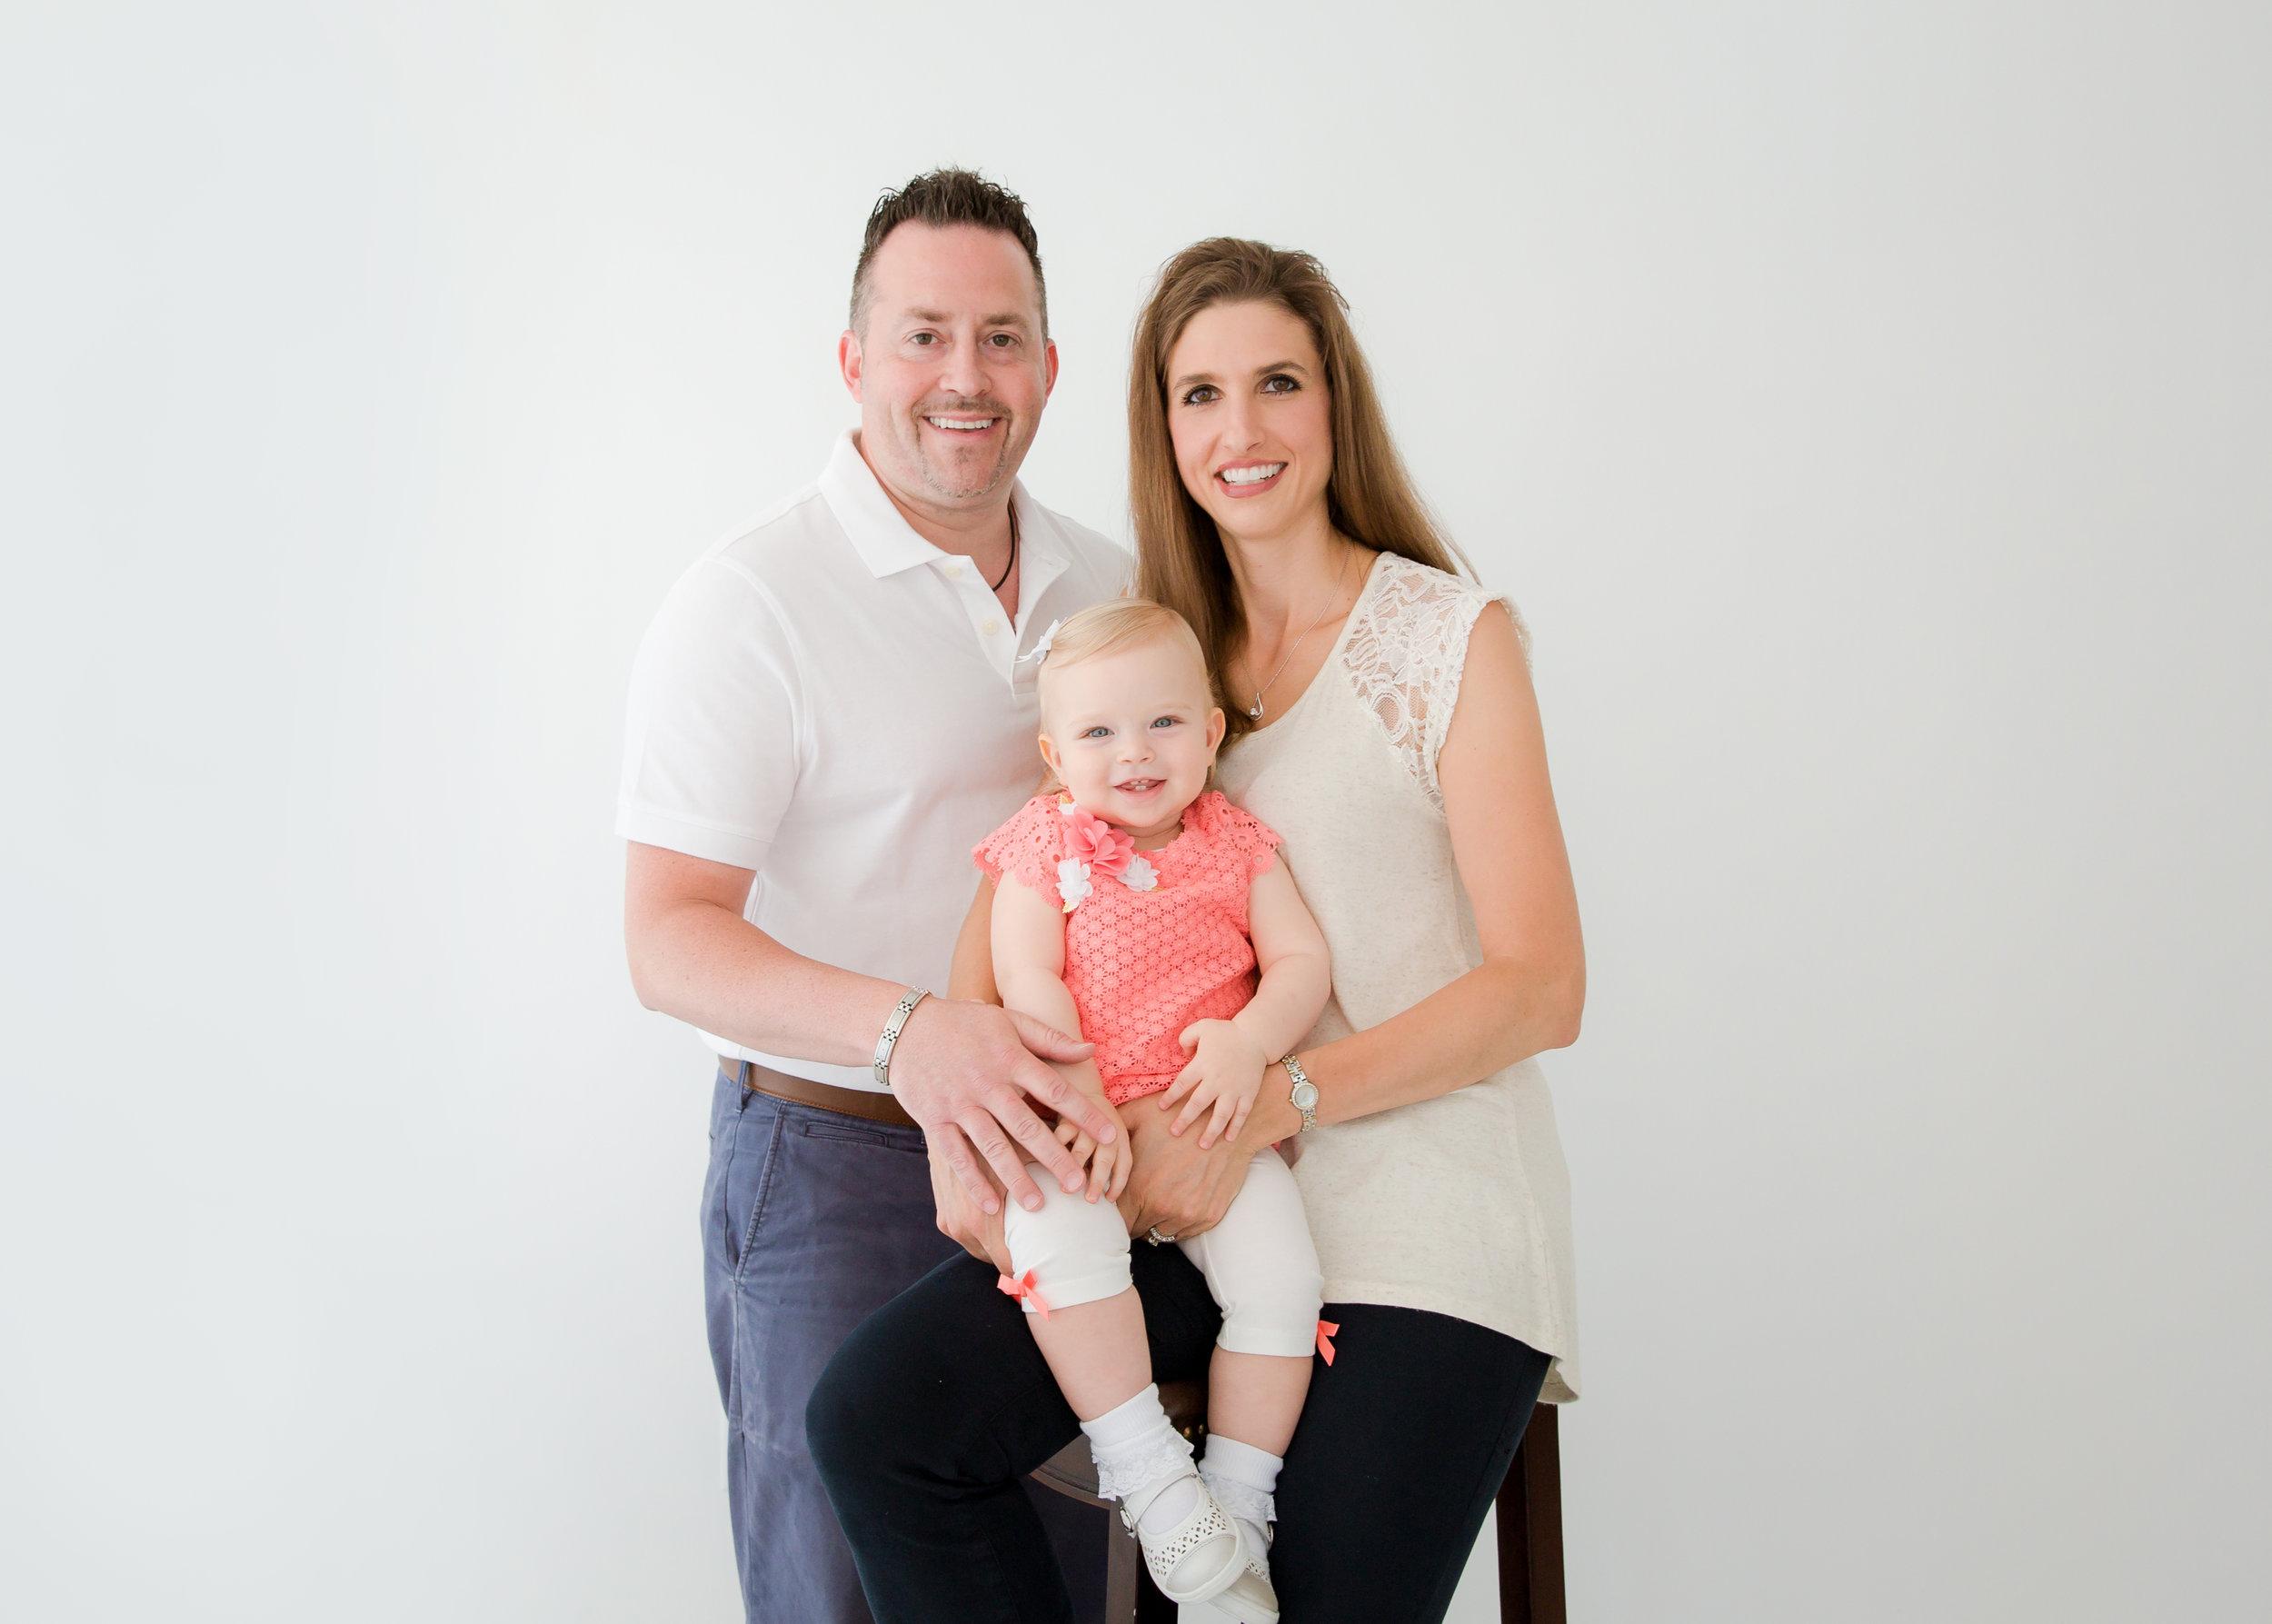 family photo in burlington nj studio